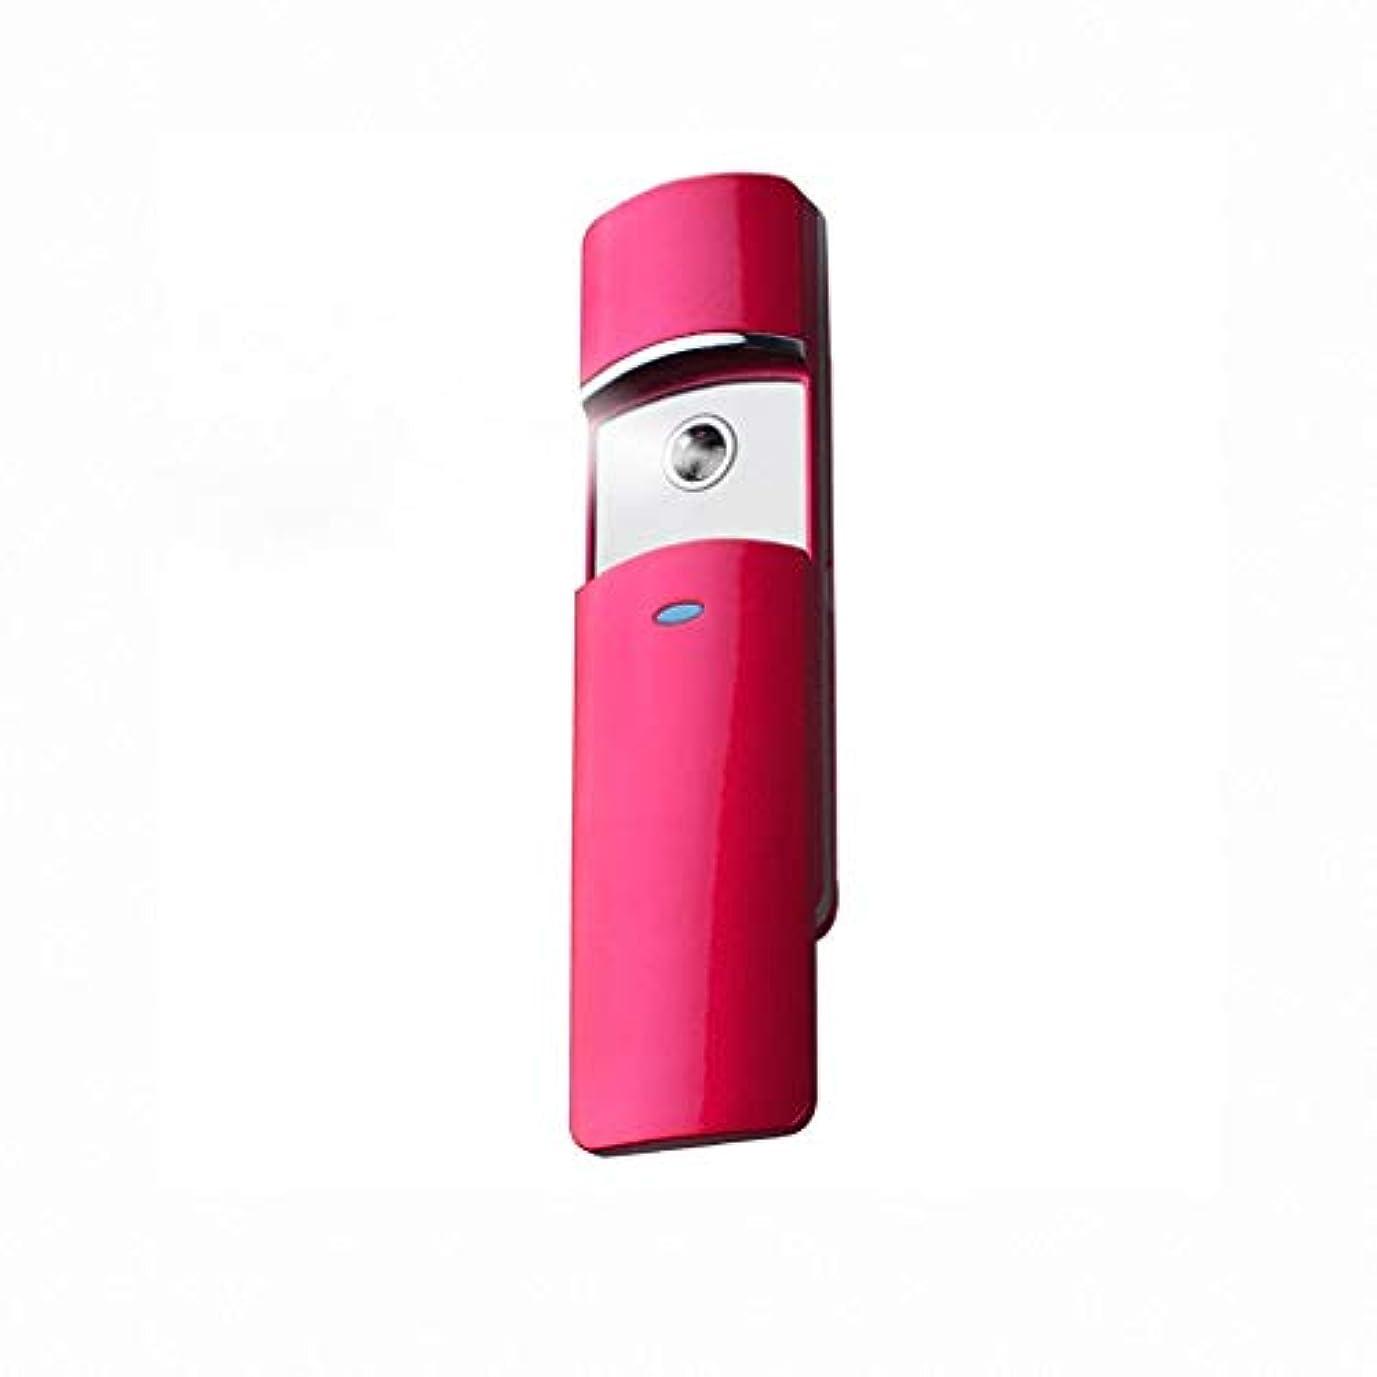 創傷似ている首尾一貫した噴霧器usb充電式ポータブルフェイシャルスプレー用スキンケアメイクアップまつげエクステンションポータブル抗アレルギースチーマー充電器